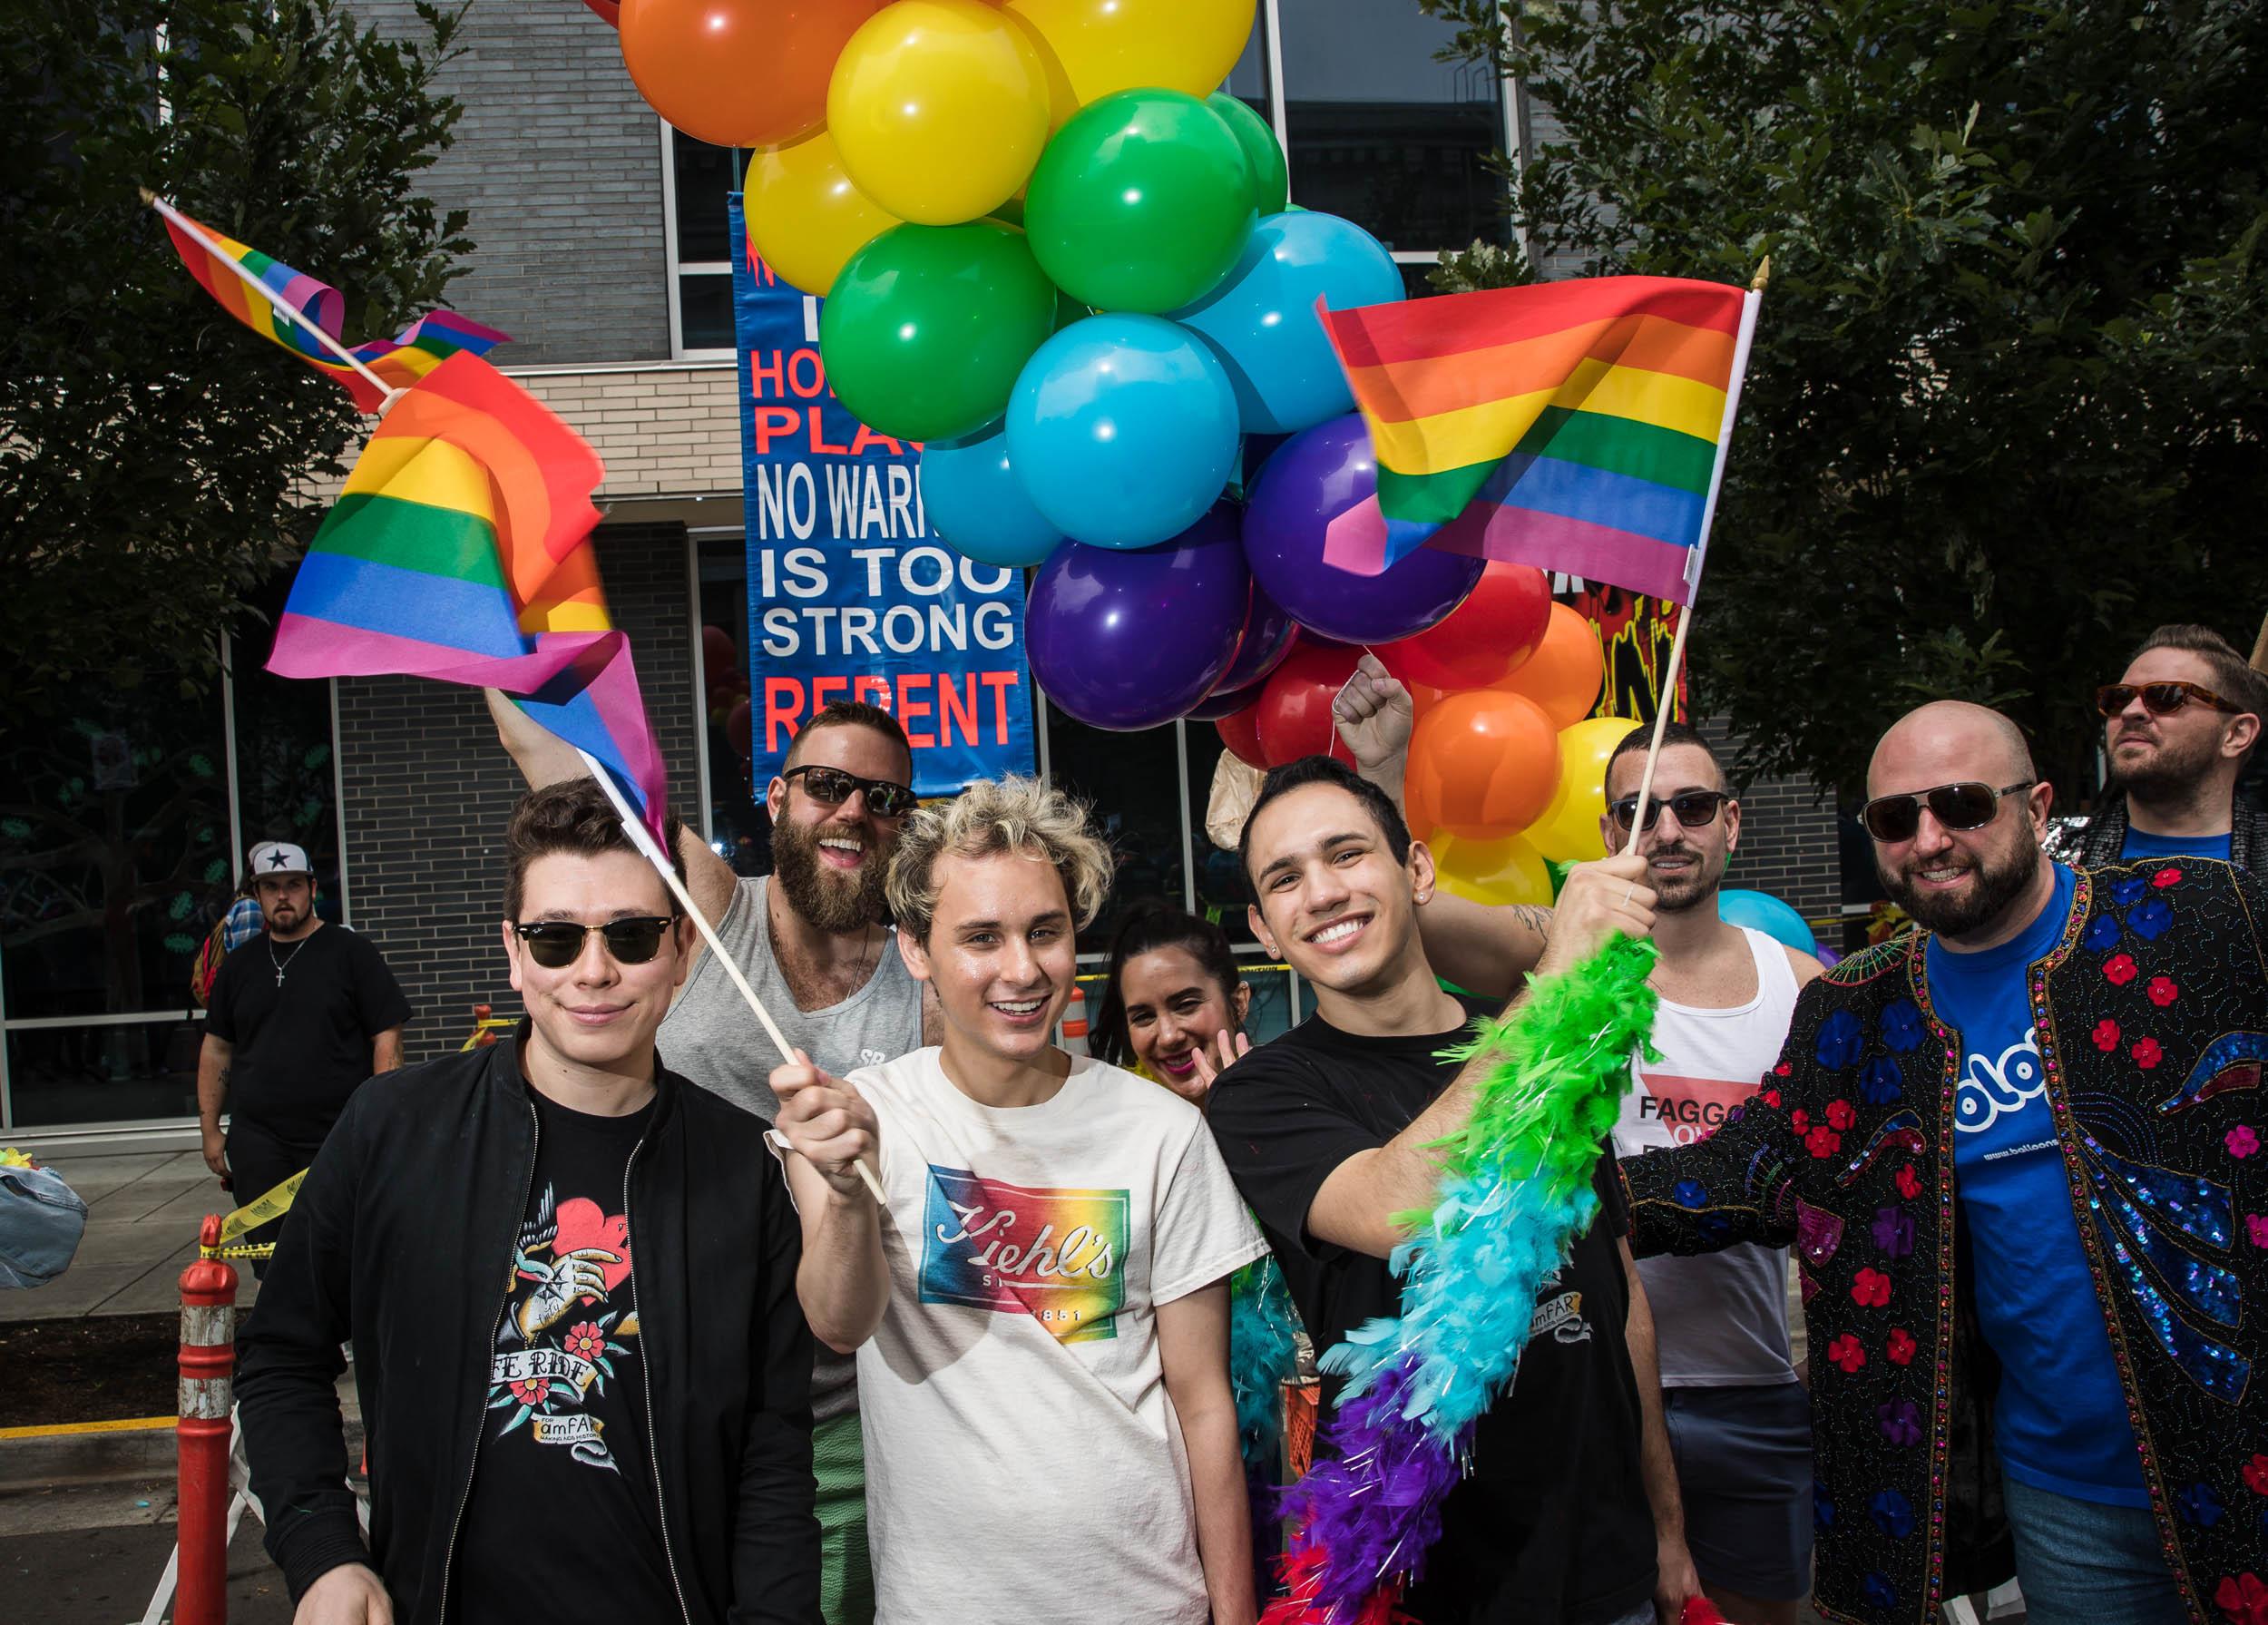 pride_2017_tb_B3_9960.jpg